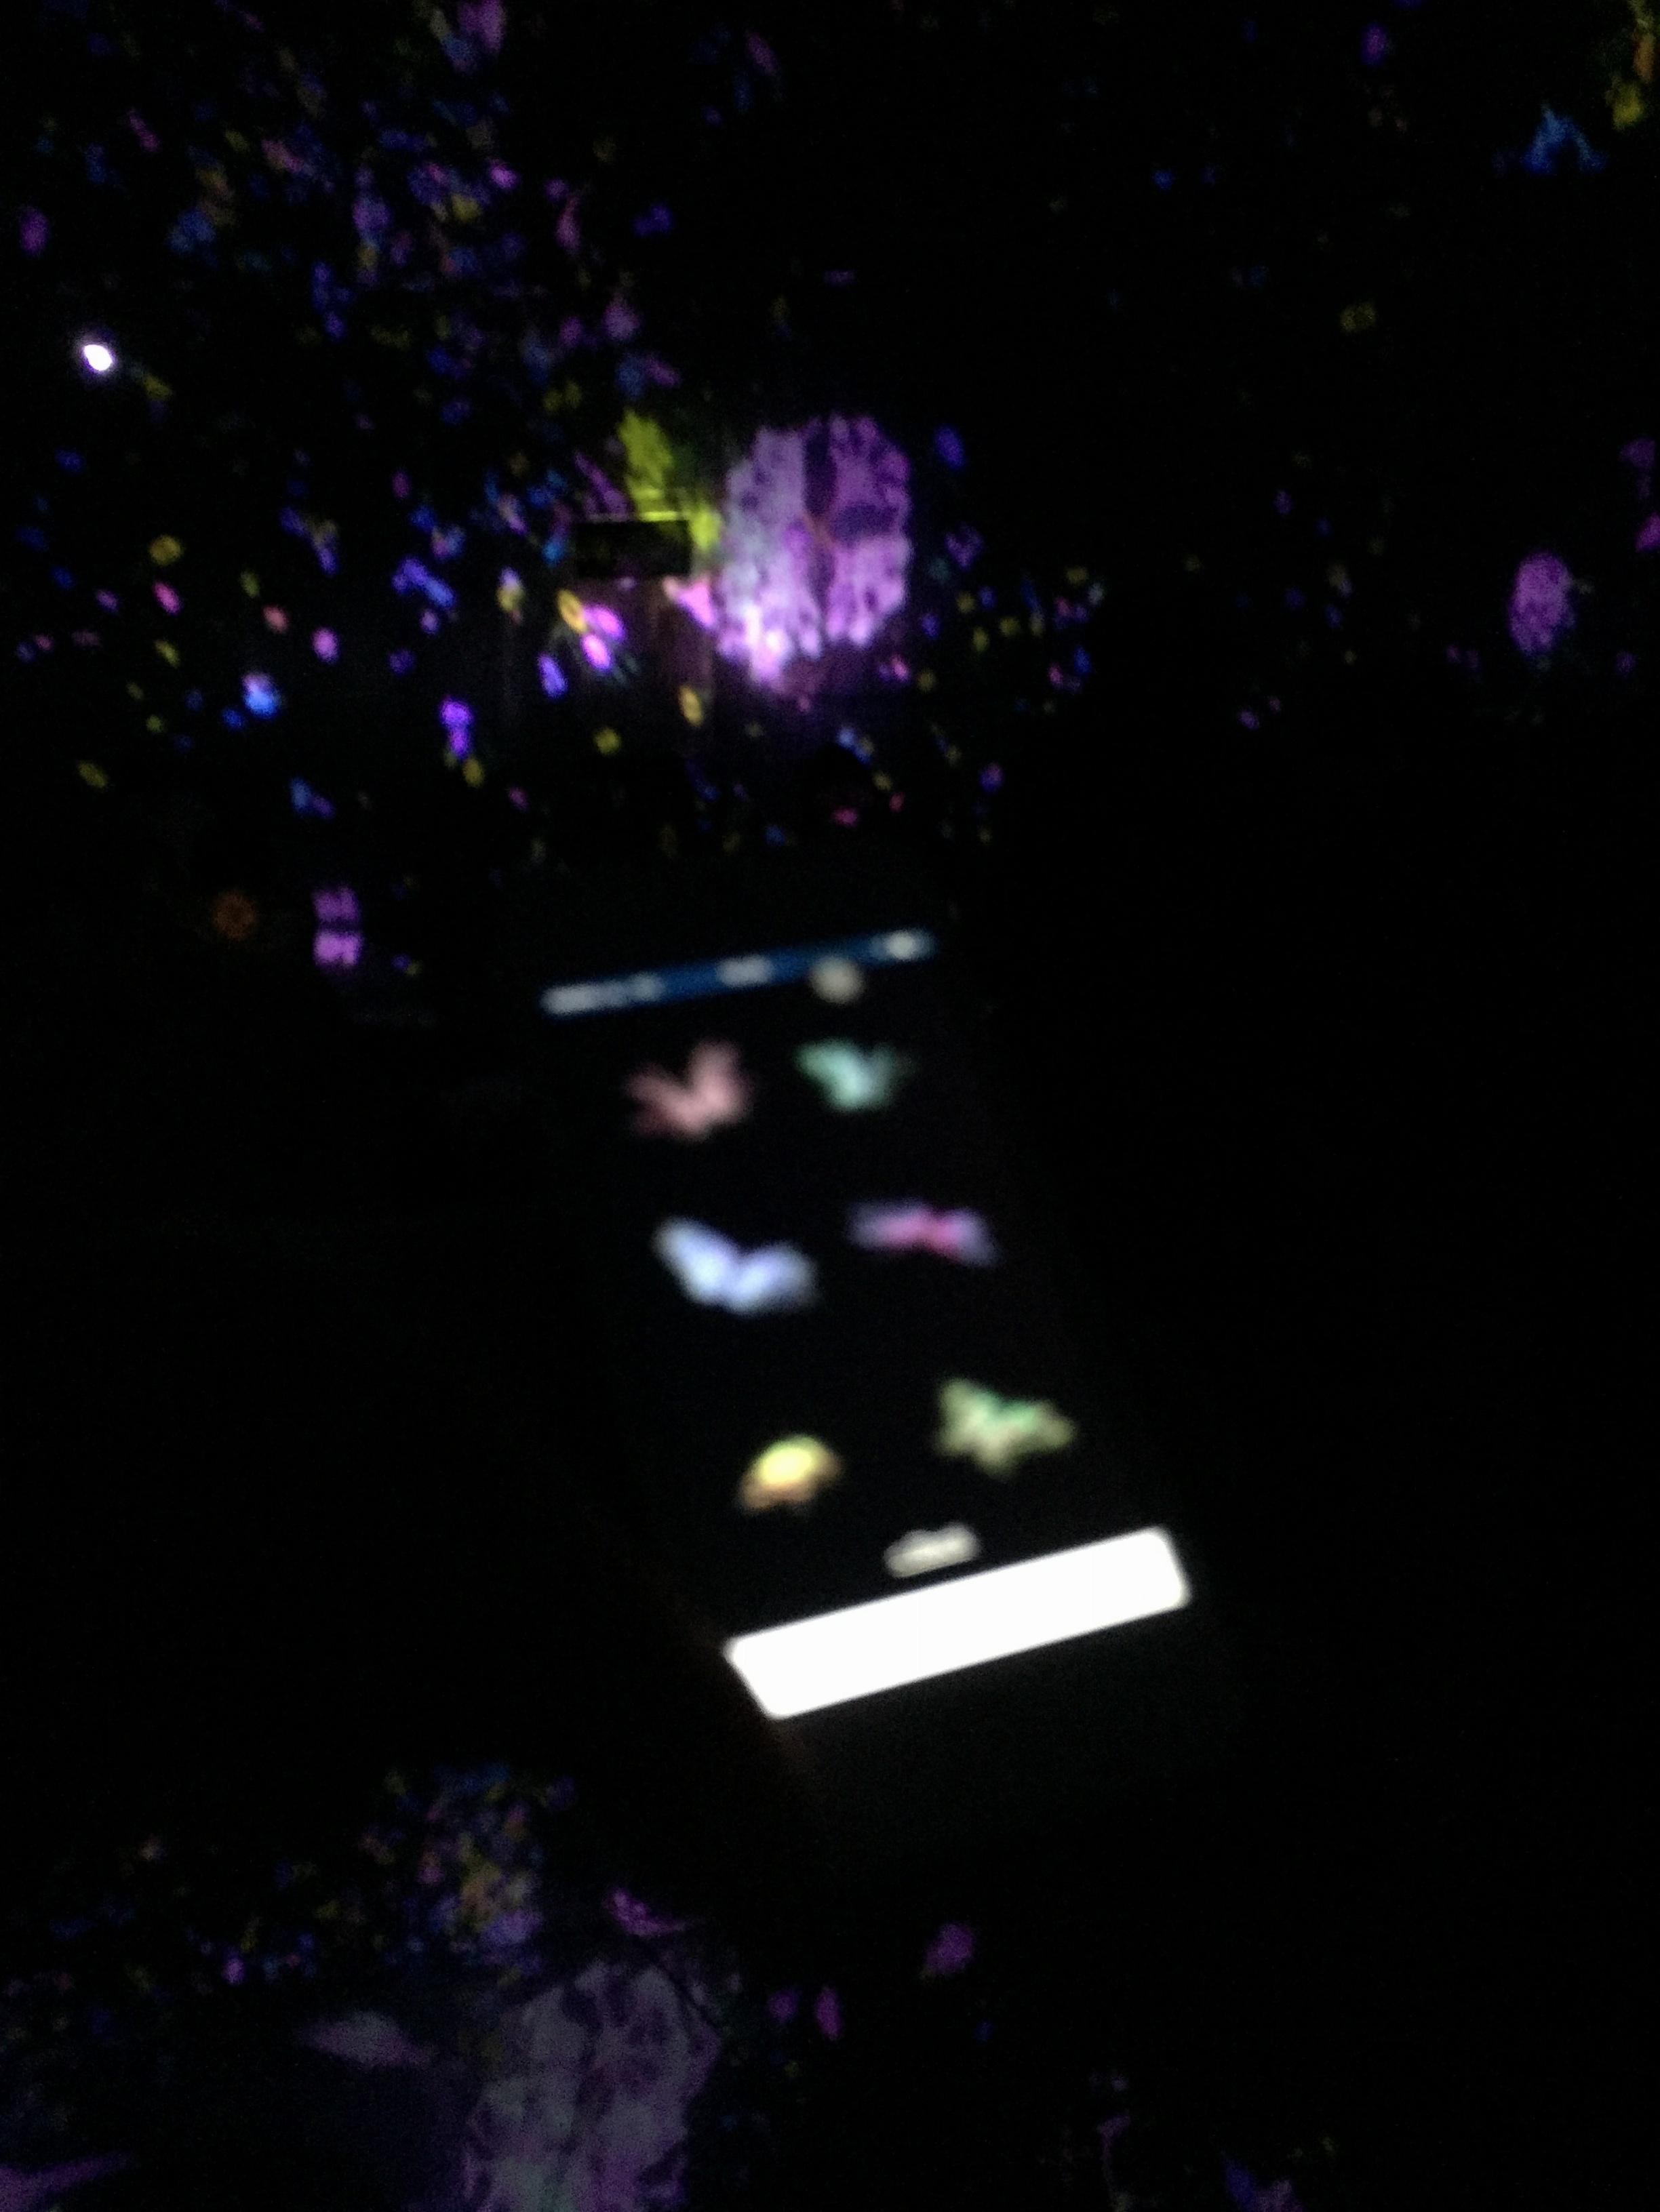 【夏のお出掛けスポット/DMM.プラネッツ Art by teamLab】水に浸かったり仰向けになったりして鑑賞する『デジタルアート』が幻想的✨8/31まで!お台場に急げ♩≪samenyan≫_19